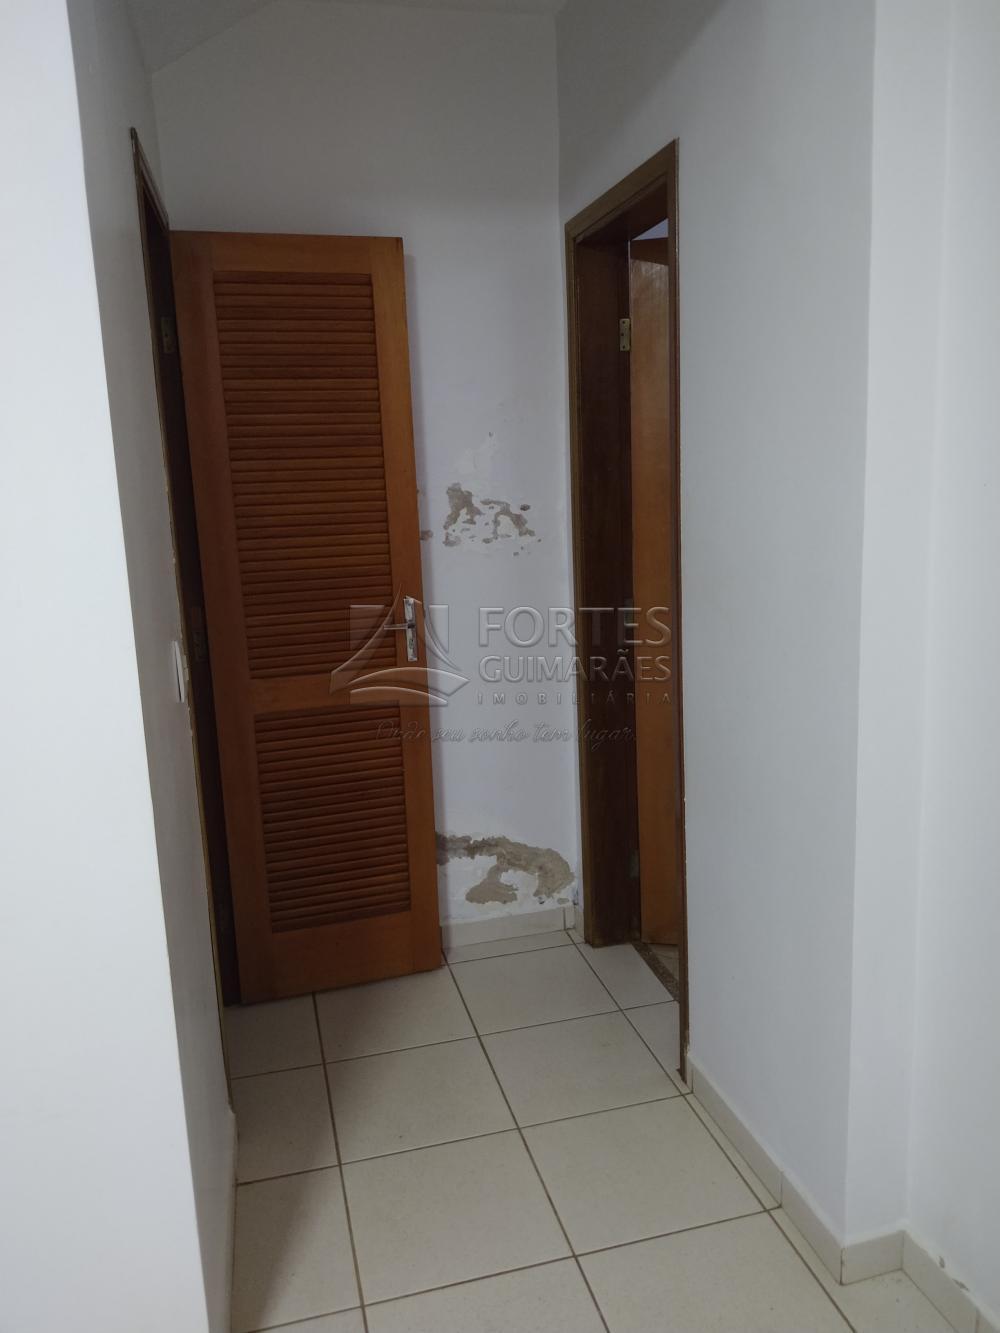 Alugar Comercial / Imóvel Comercial em Ribeirão Preto apenas R$ 12.000,00 - Foto 105